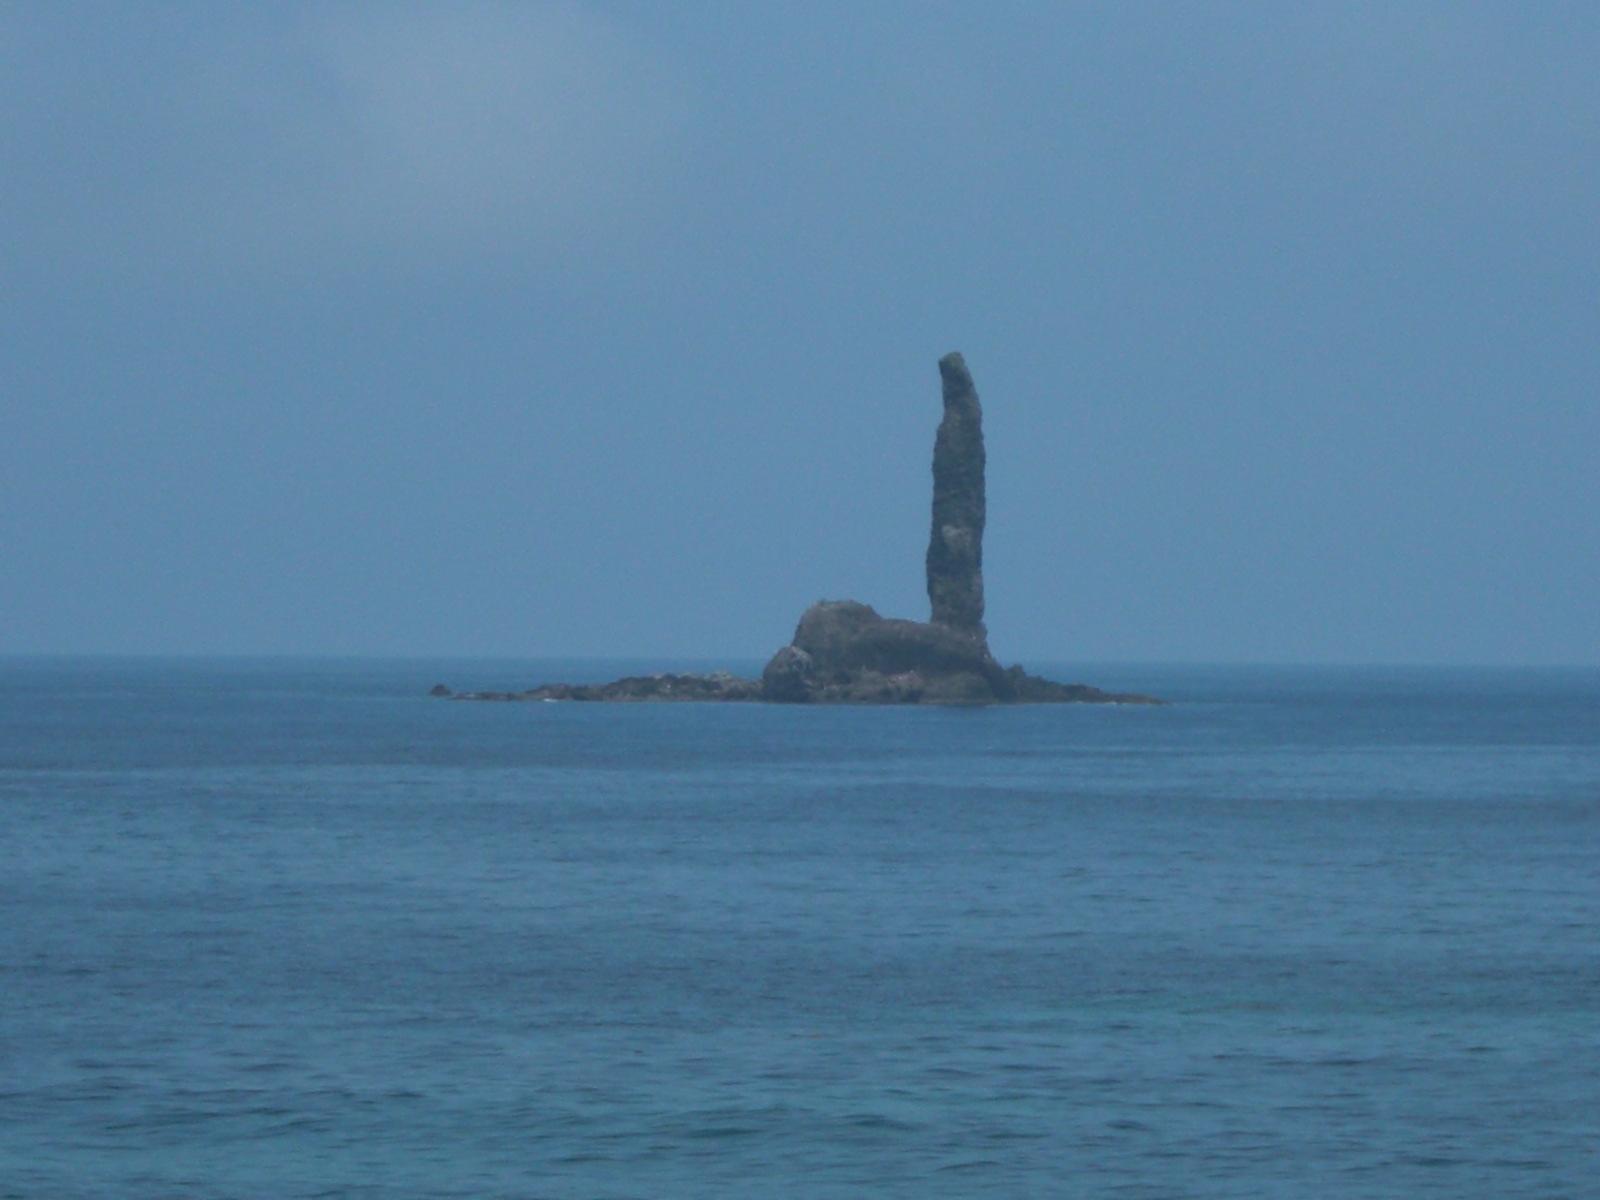 【積丹観光タクシー】小樽~ローソク岩~恵比寿岩~大黒岩観光コース観光案内です。